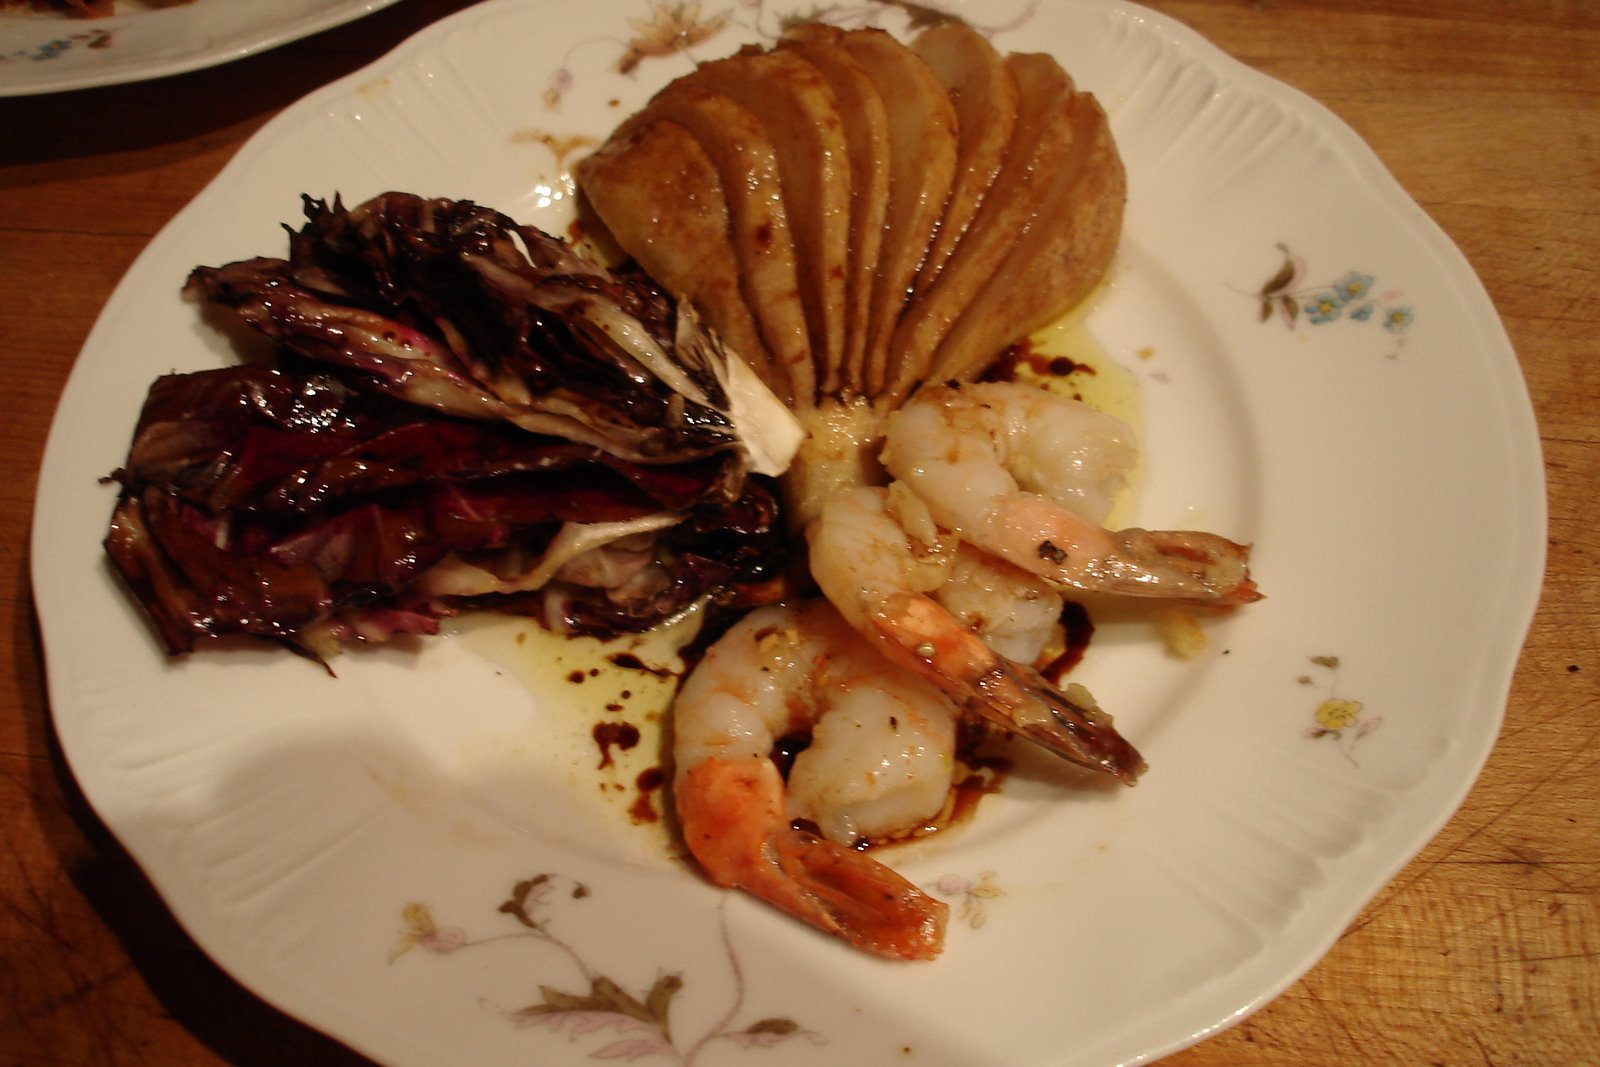 [Radicchio+salad+with+shrimp-dierberg]